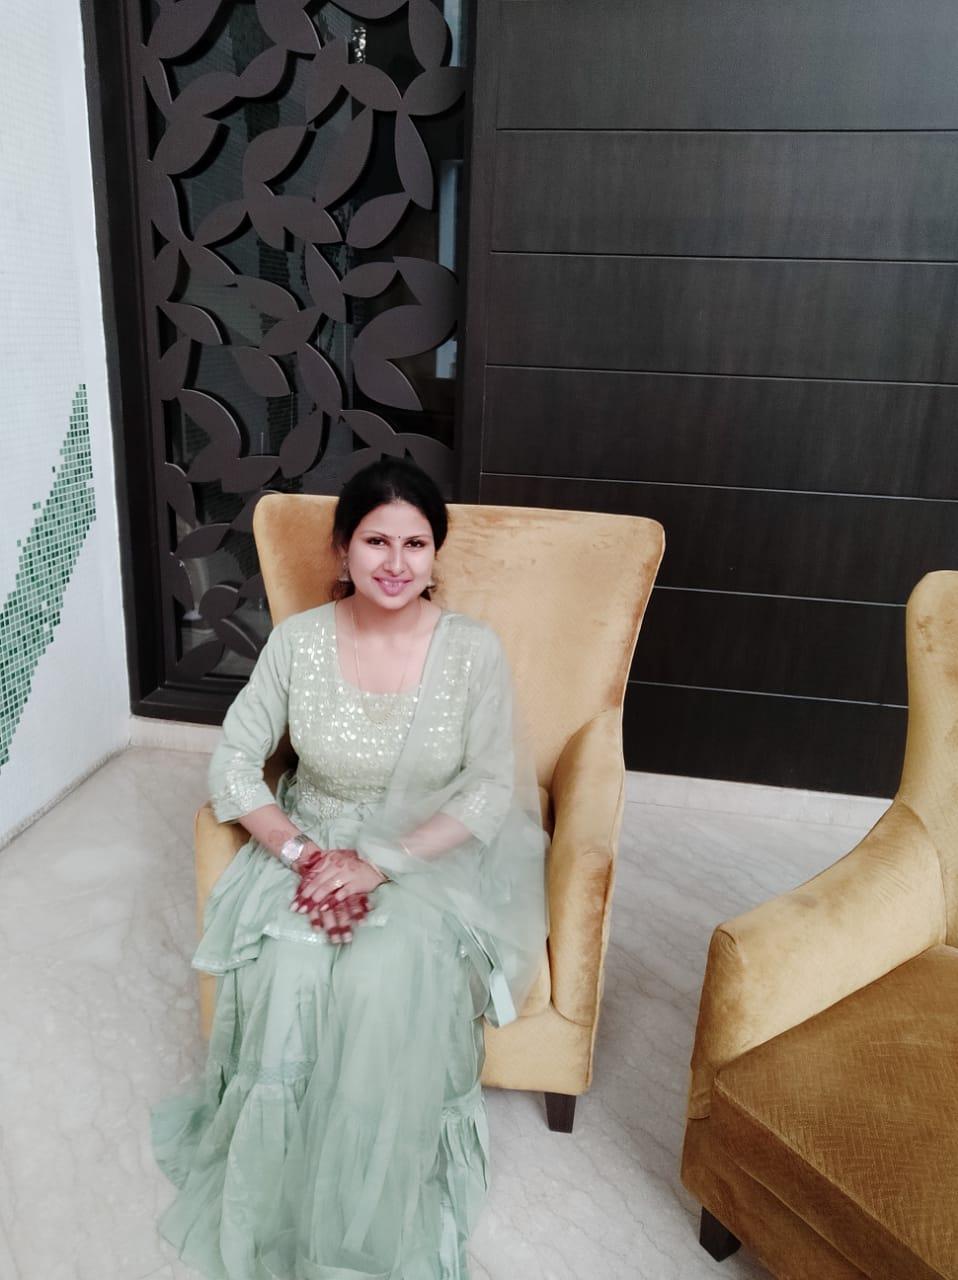 Sanskriti Singh